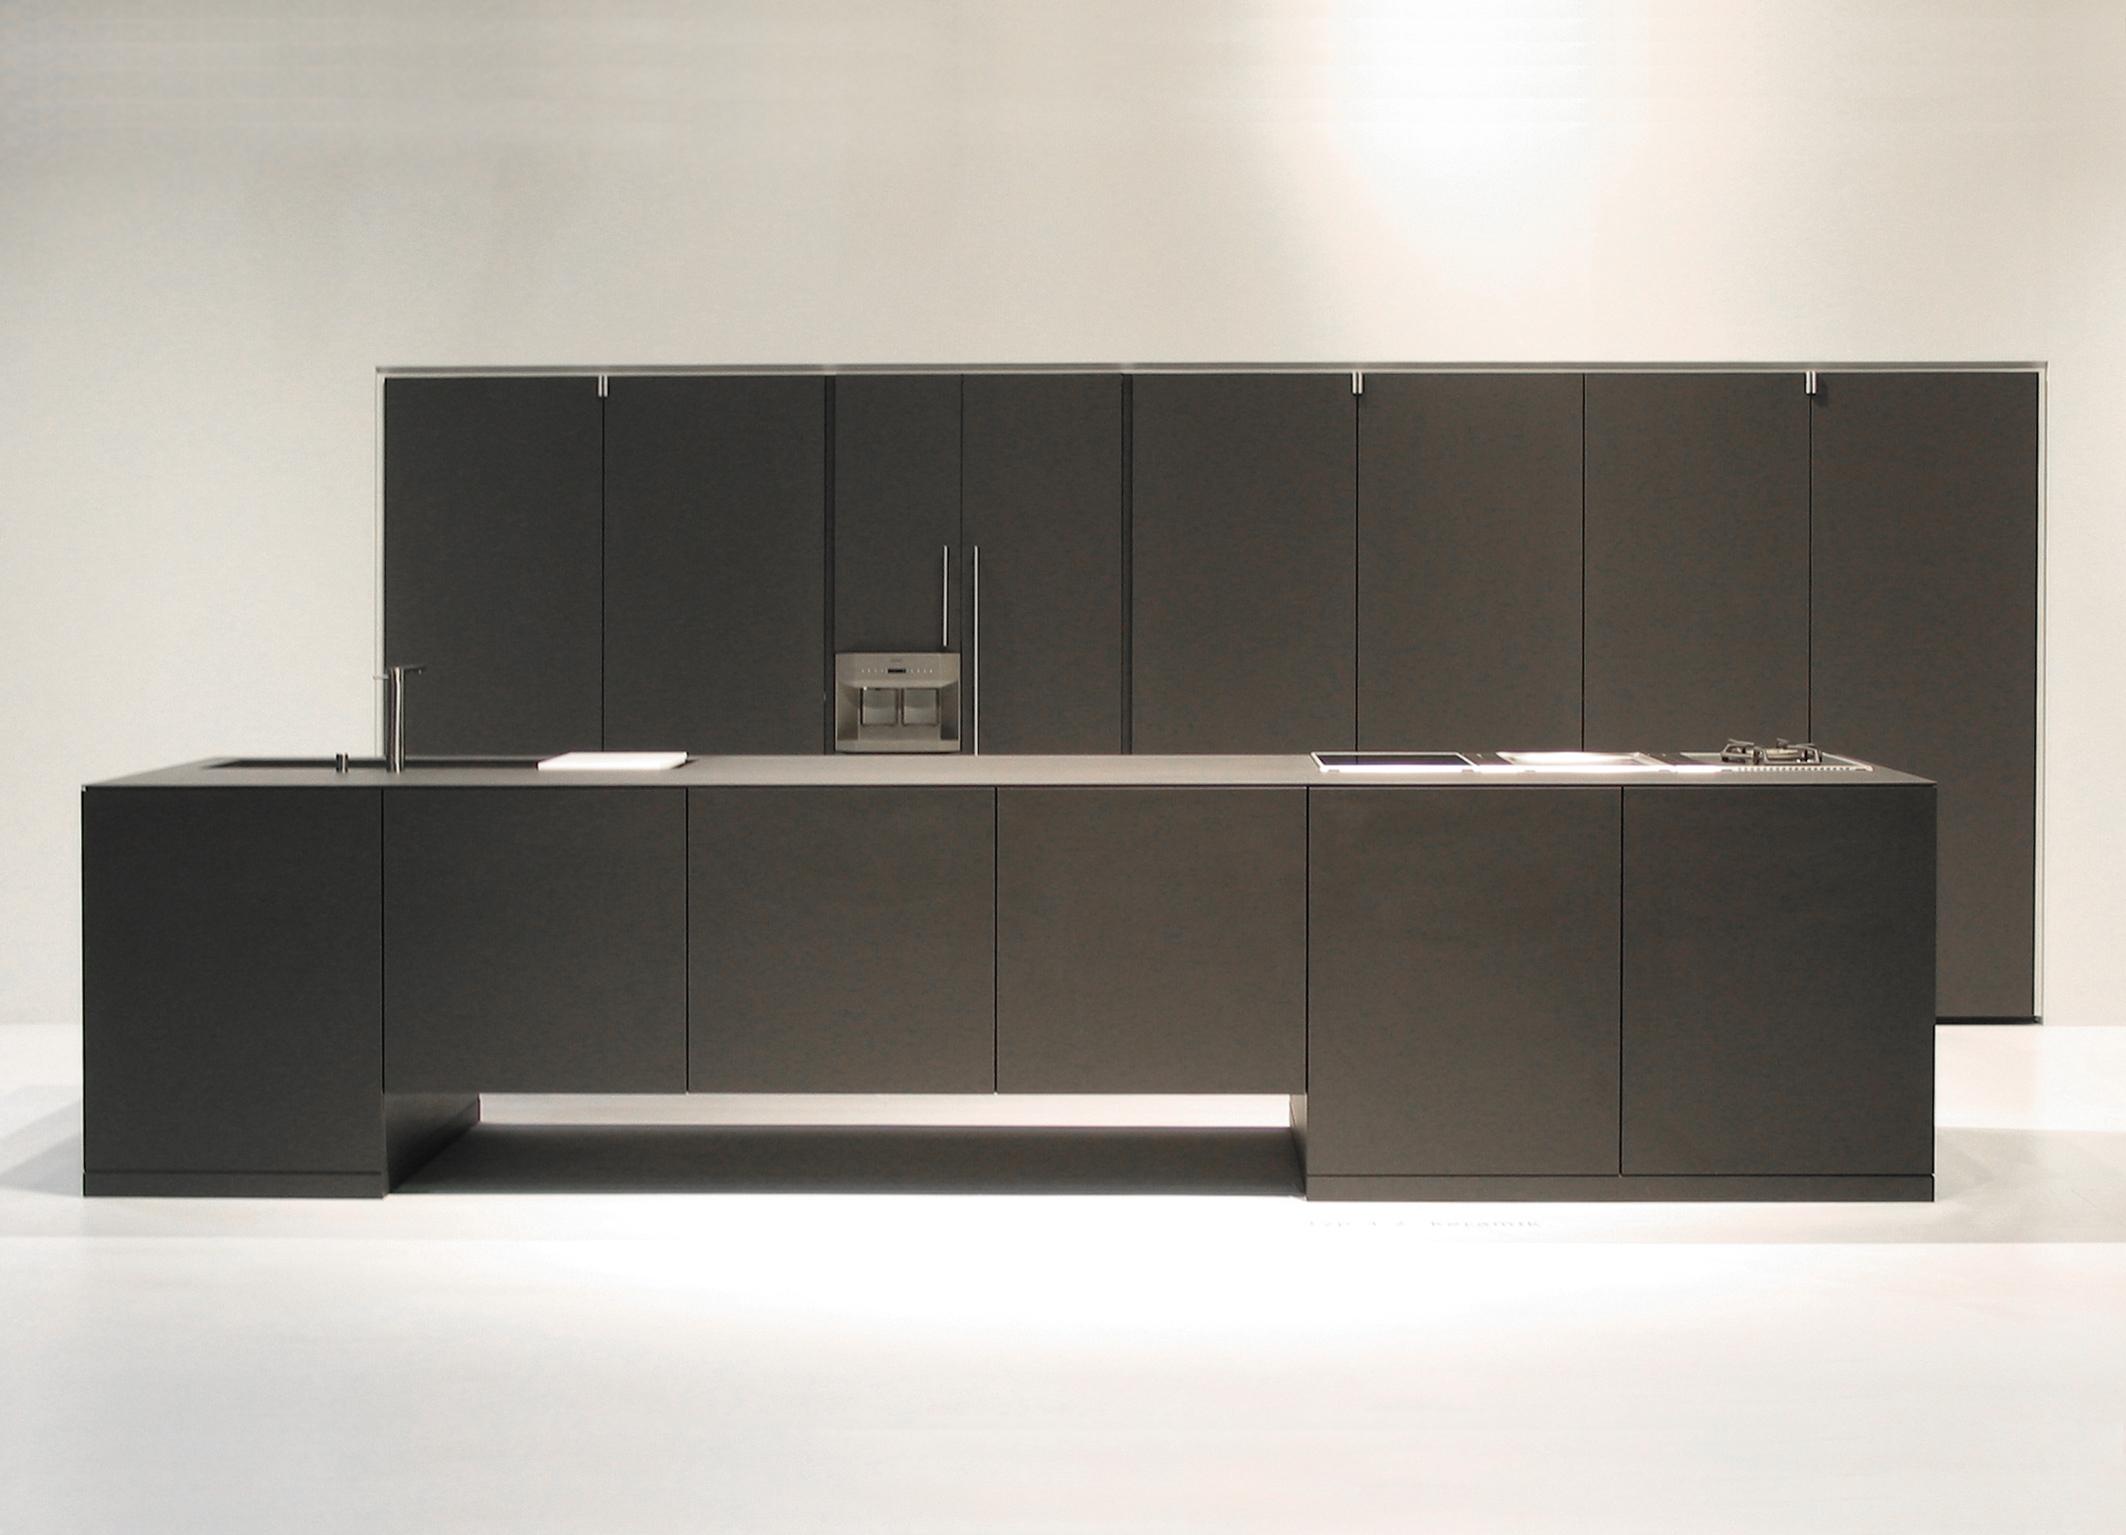 mühlböck-küche | designermöbel | innenarchitektur - Keramik Küche